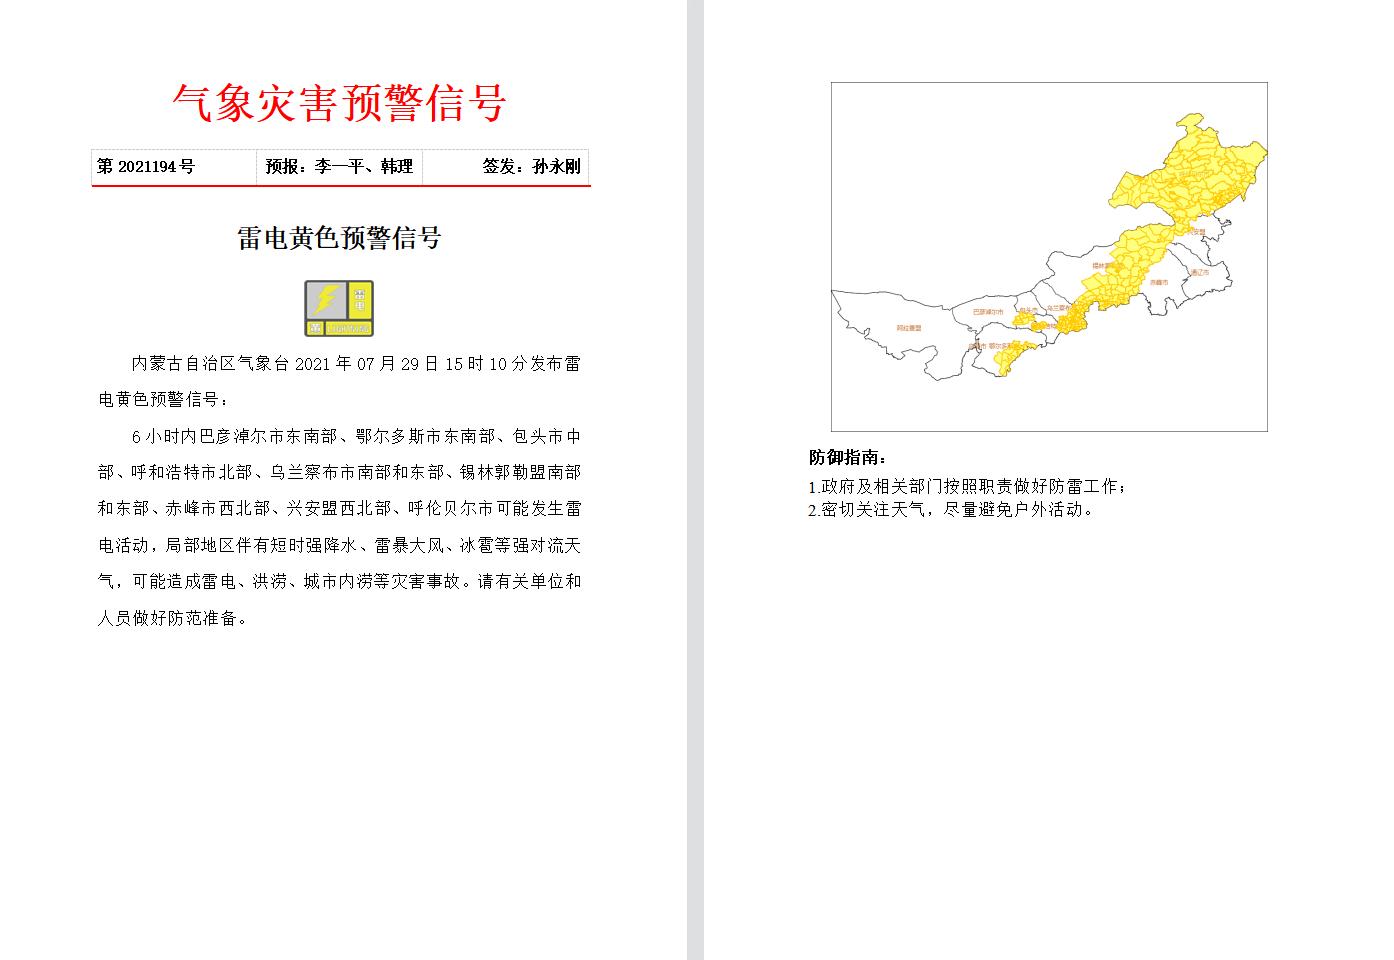 内蒙古自治区气象台2021年07月29日15时10分发布雷电黄色预警信号